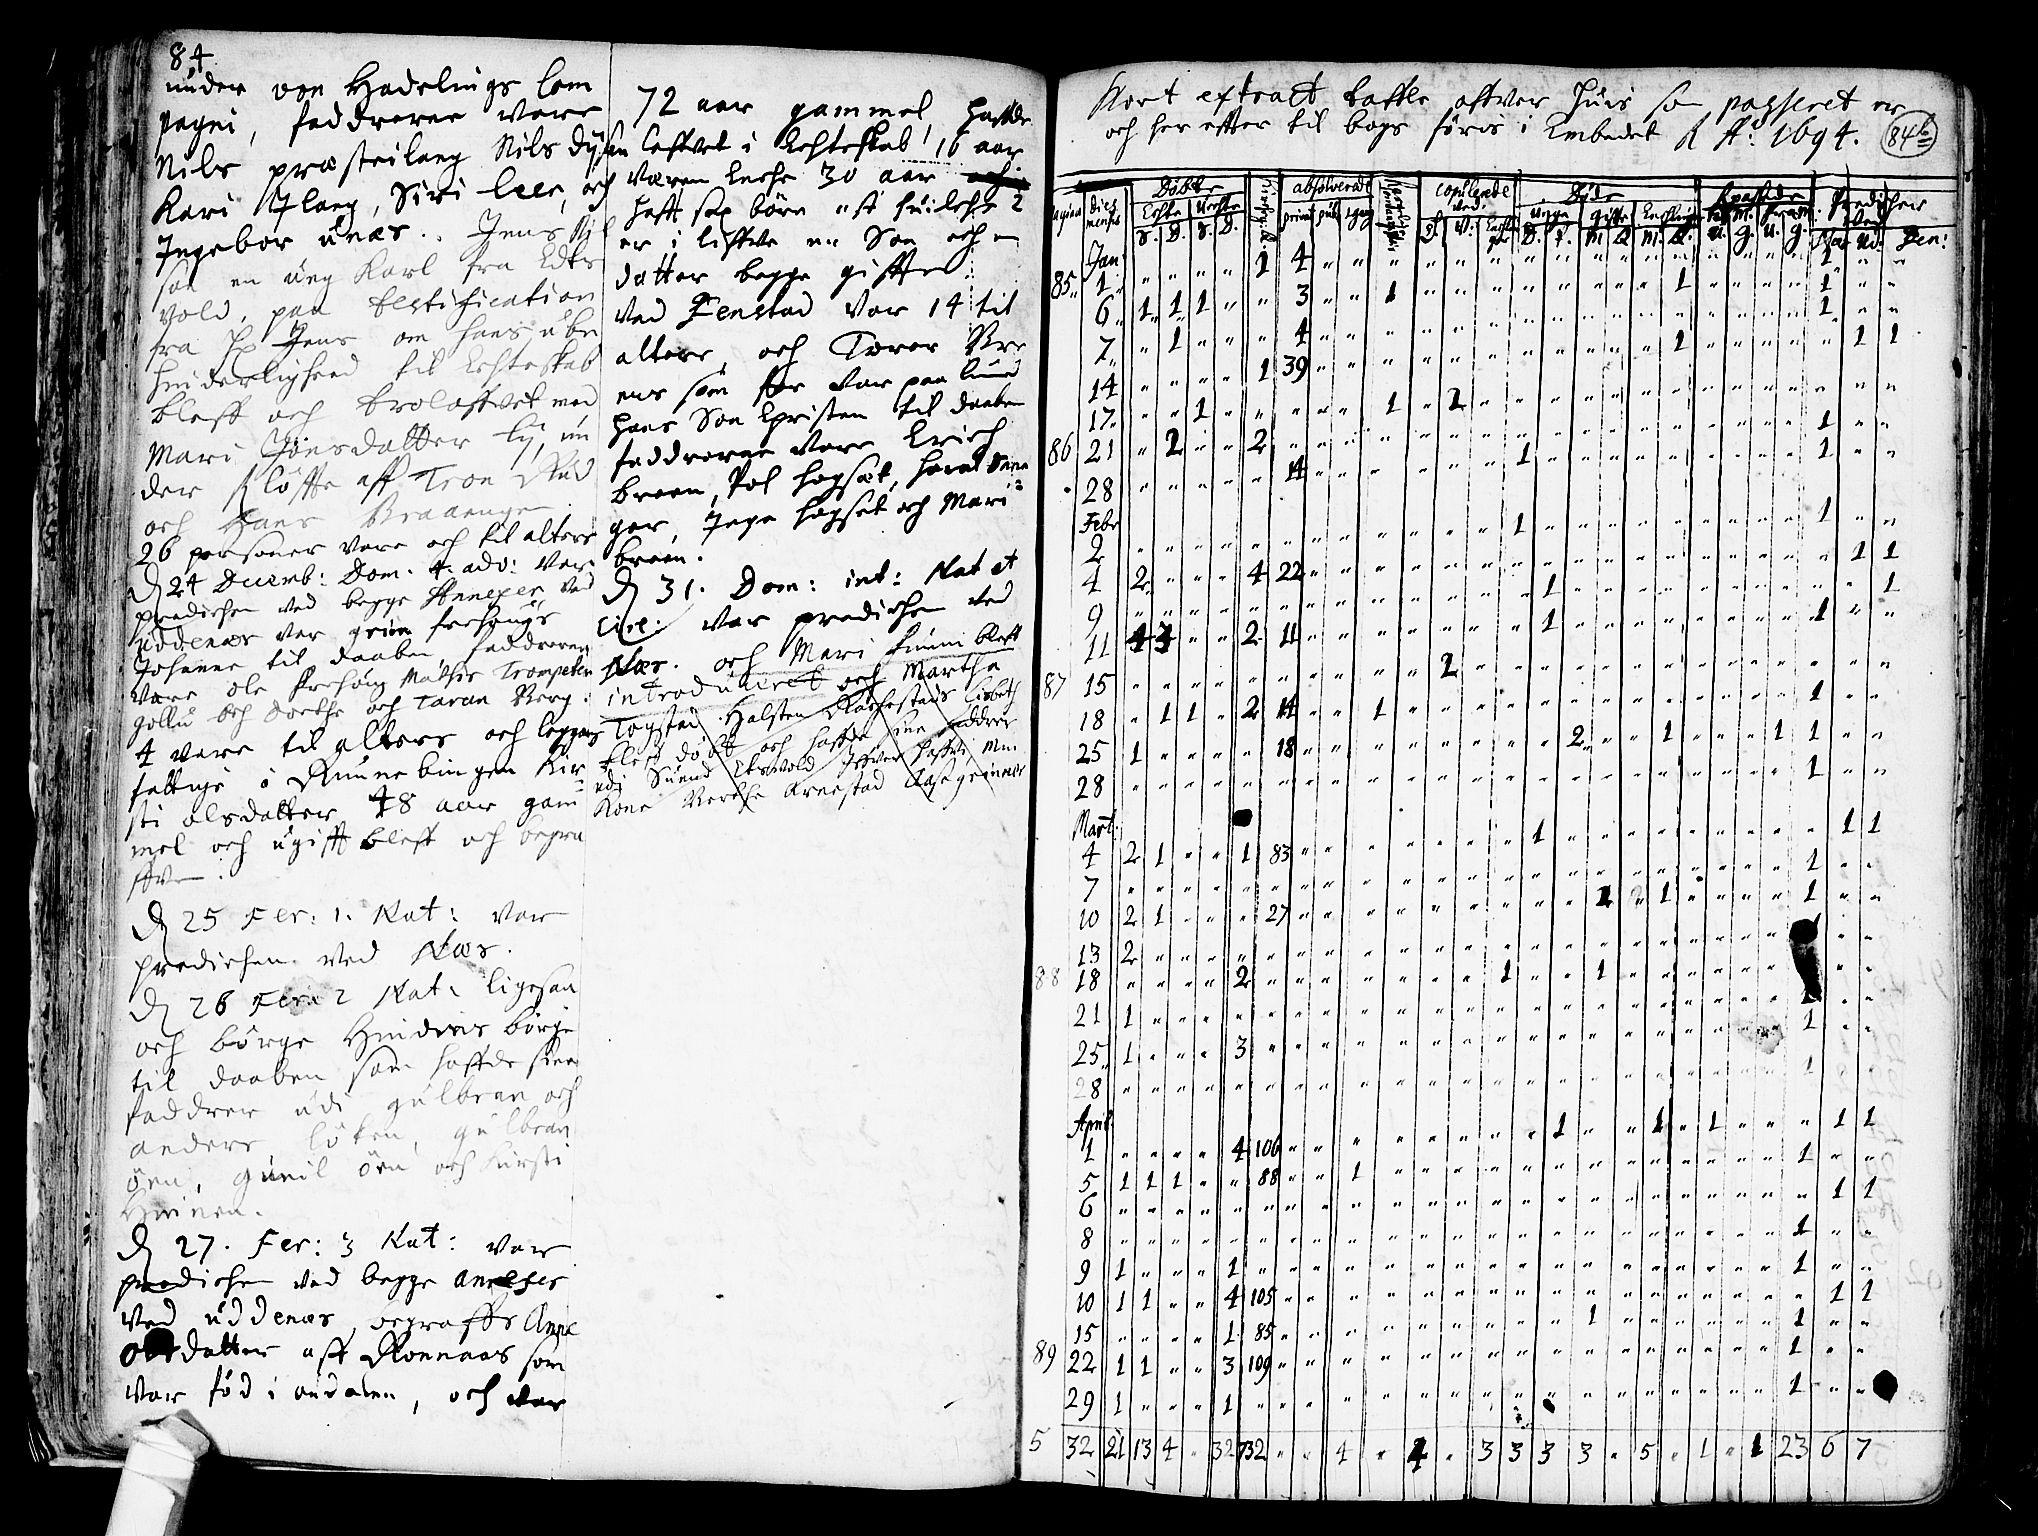 SAO, Nes prestekontor Kirkebøker, F/Fa/L0001: Ministerialbok nr. I 1, 1689-1716, s. 84a-84b